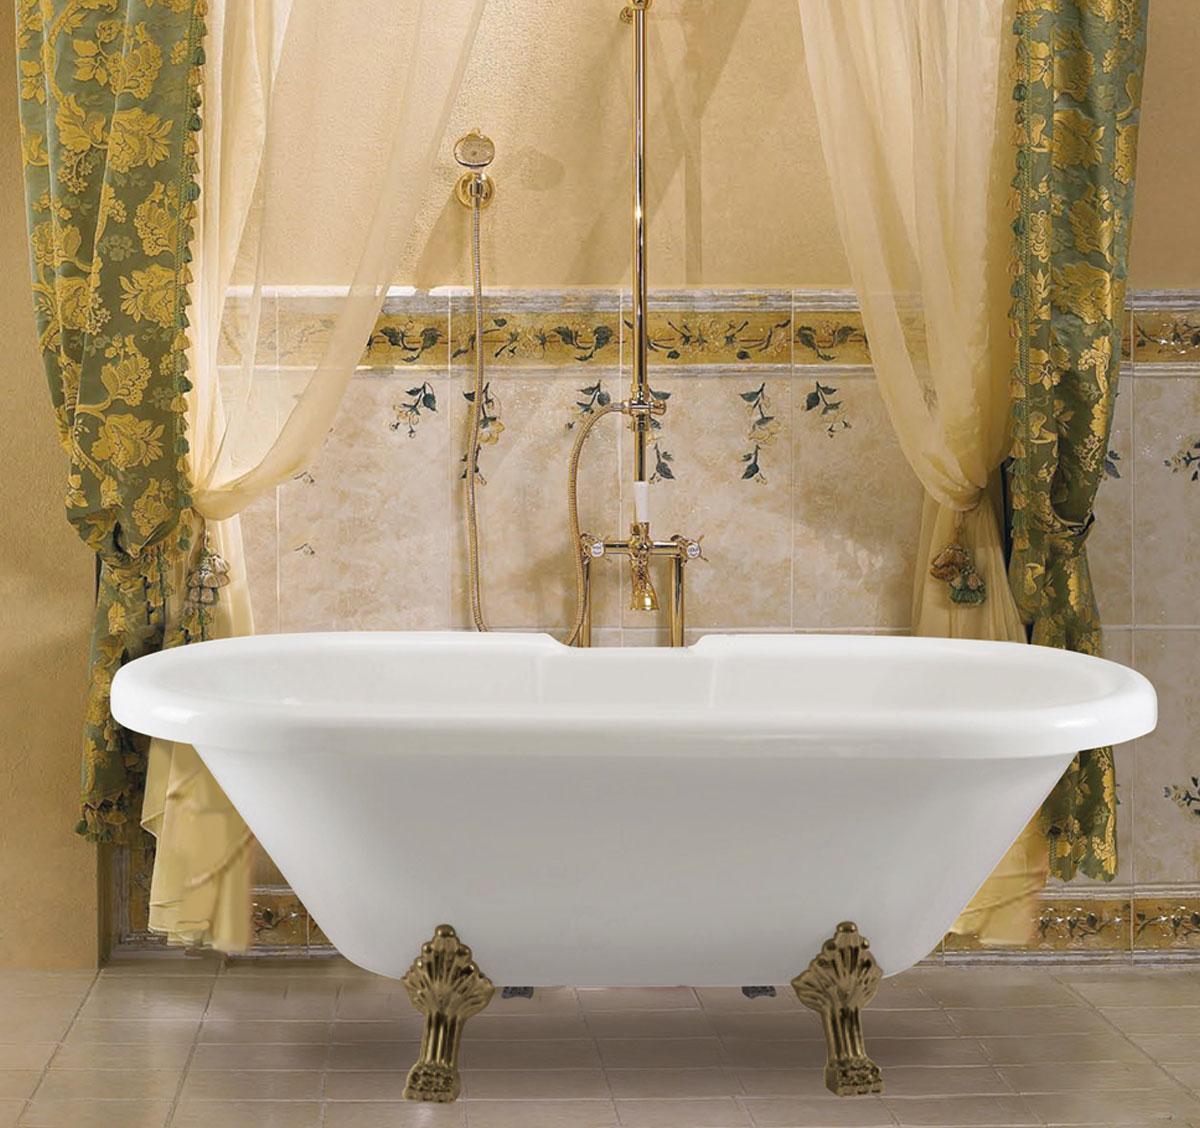 Фото 2558: Акриловая ванна Finn Марита отдельностоящая 170x79 см